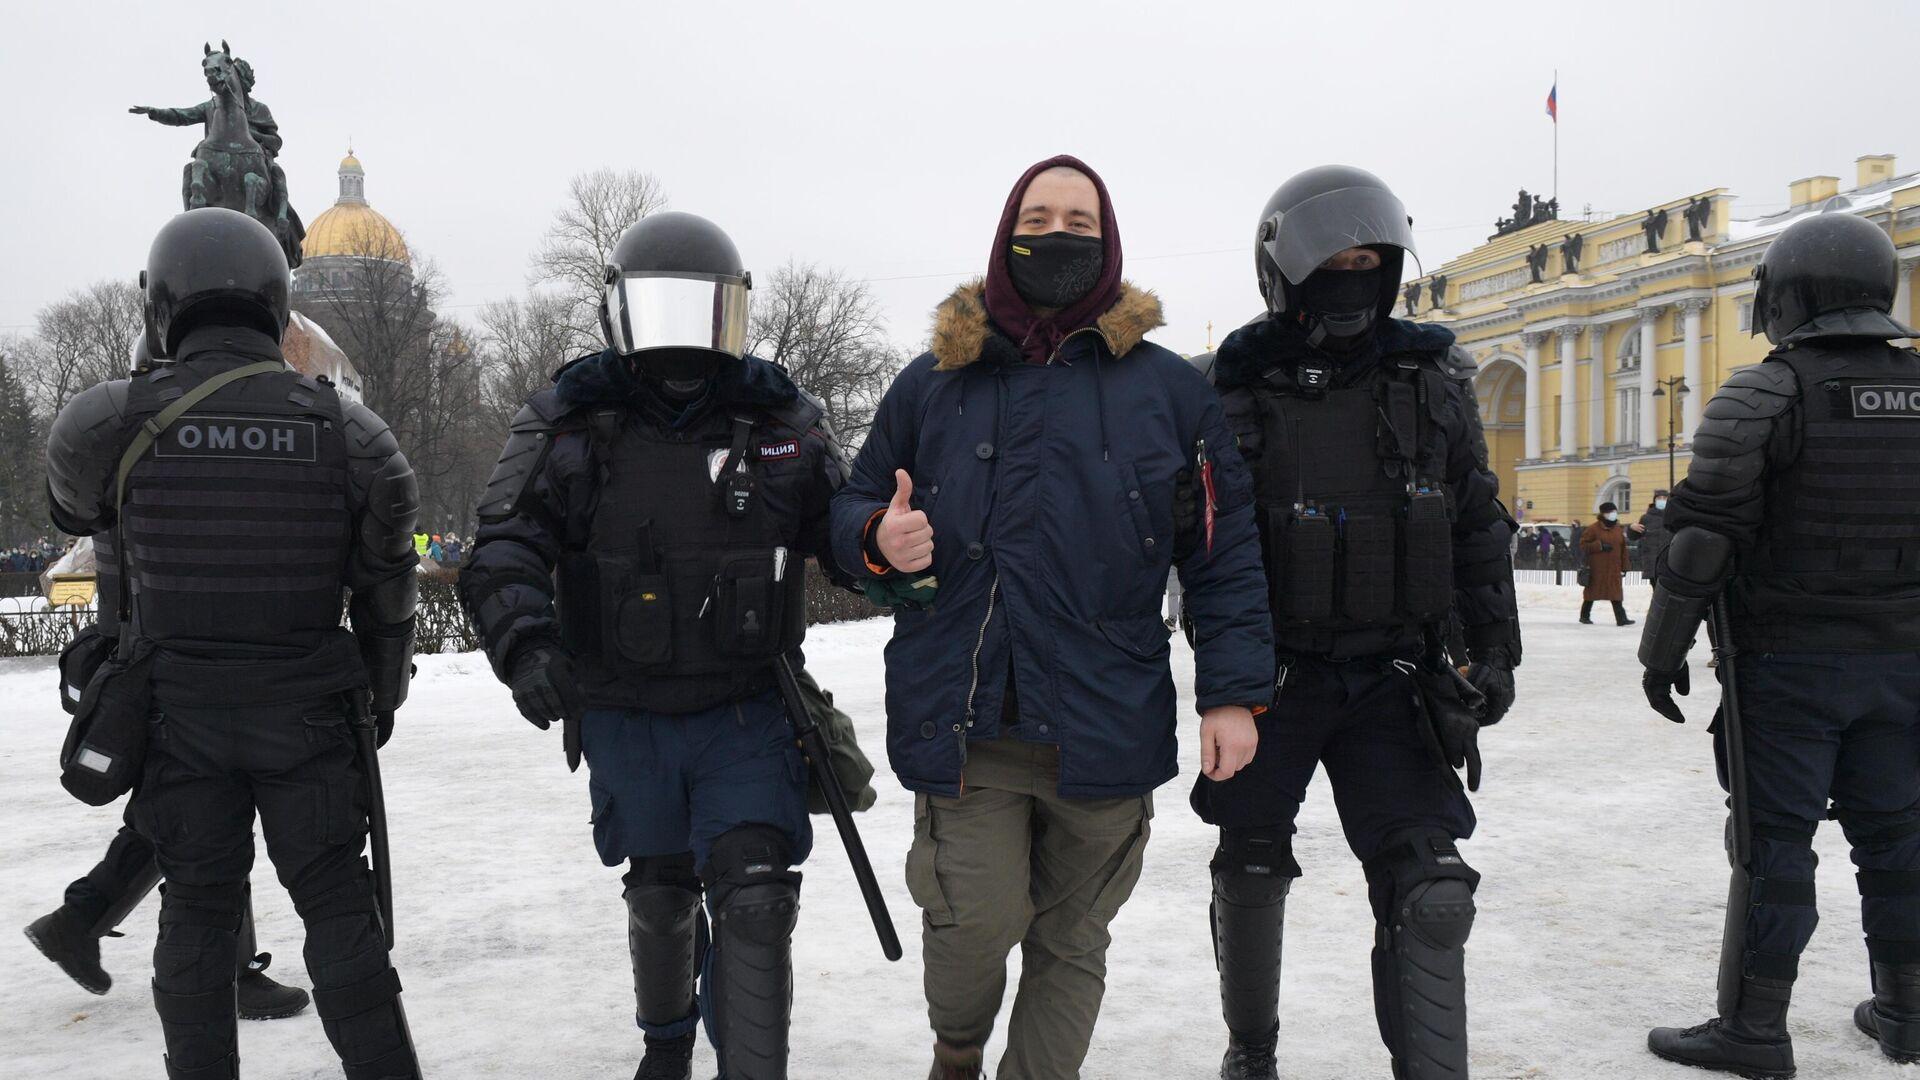 В Петербурге завели дело против мужчины, ударившего двух полицейских